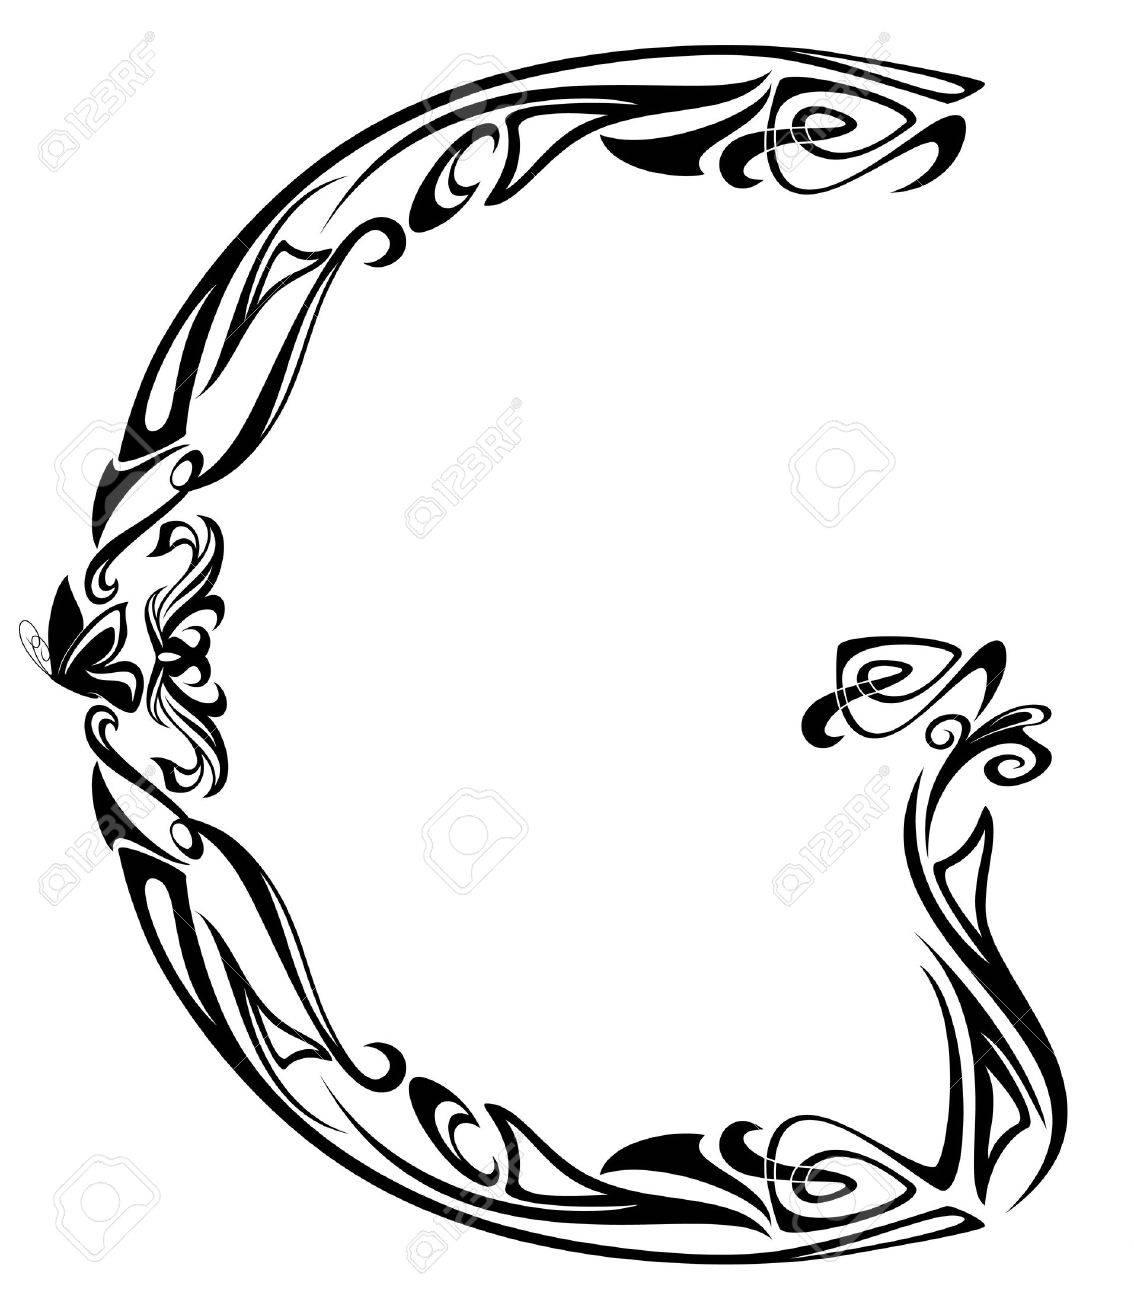 Art nouveau style vintage font letter g black and white outline art nouveau style vintage font letter g black and white outline stock vector 11788126 altavistaventures Choice Image